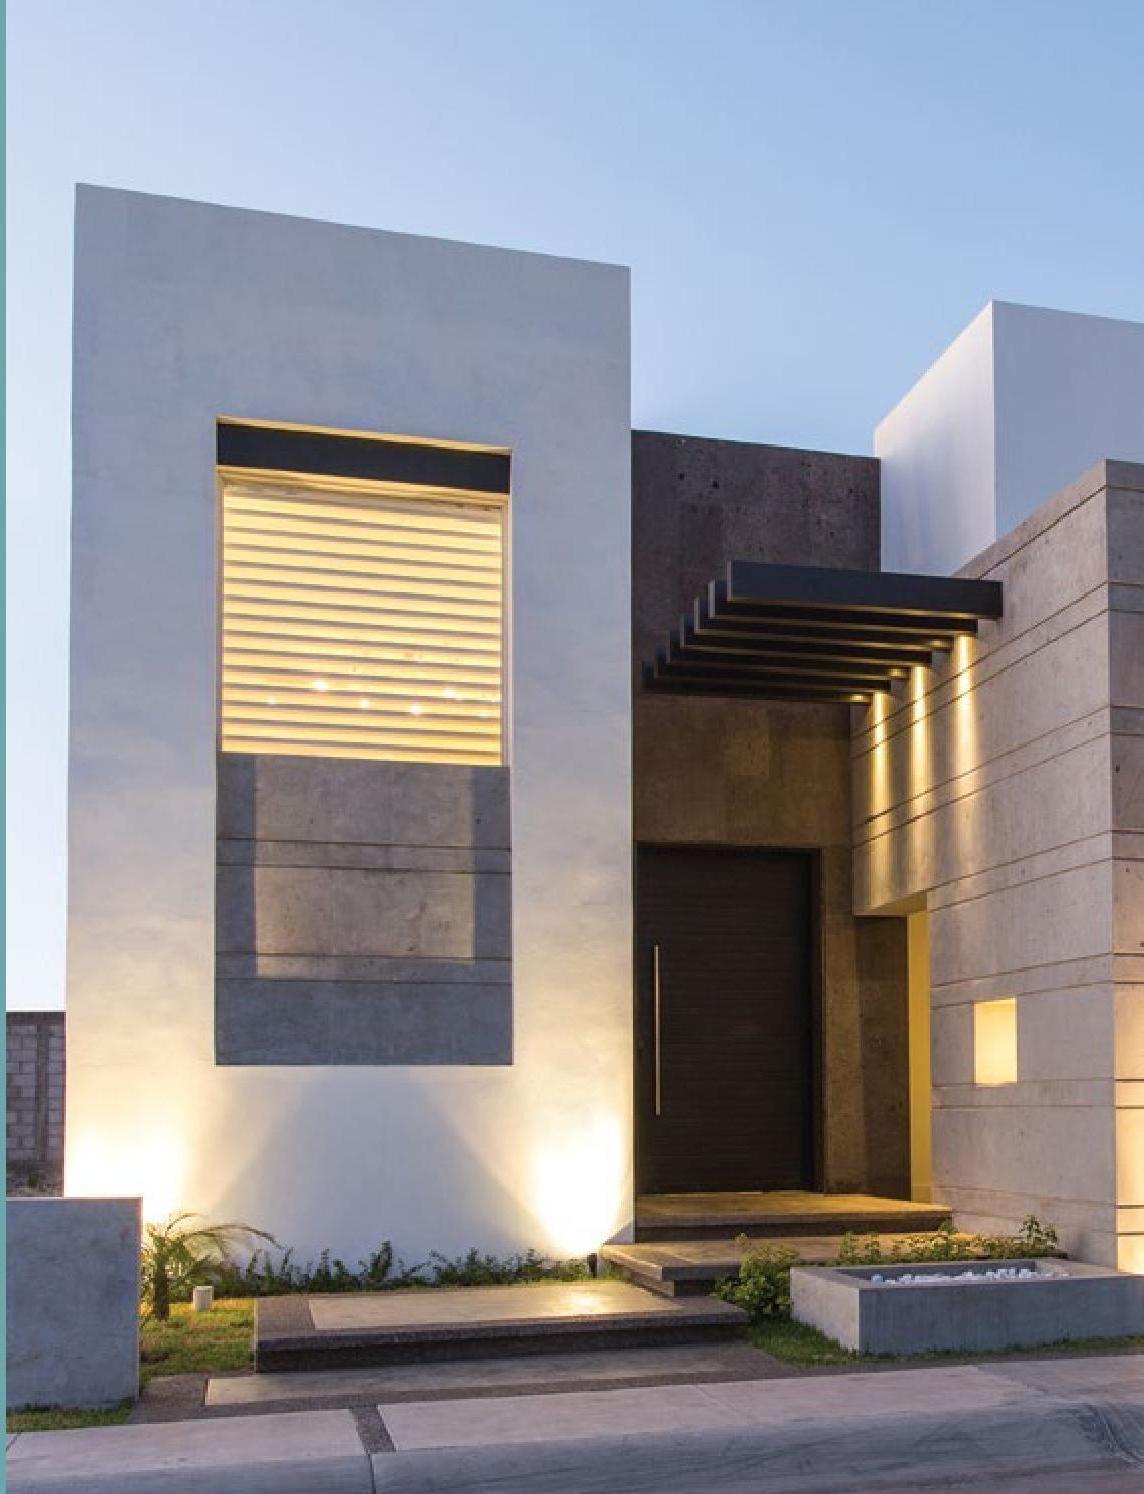 Clippedonissuu desde edición revista muros arquitectura diseño